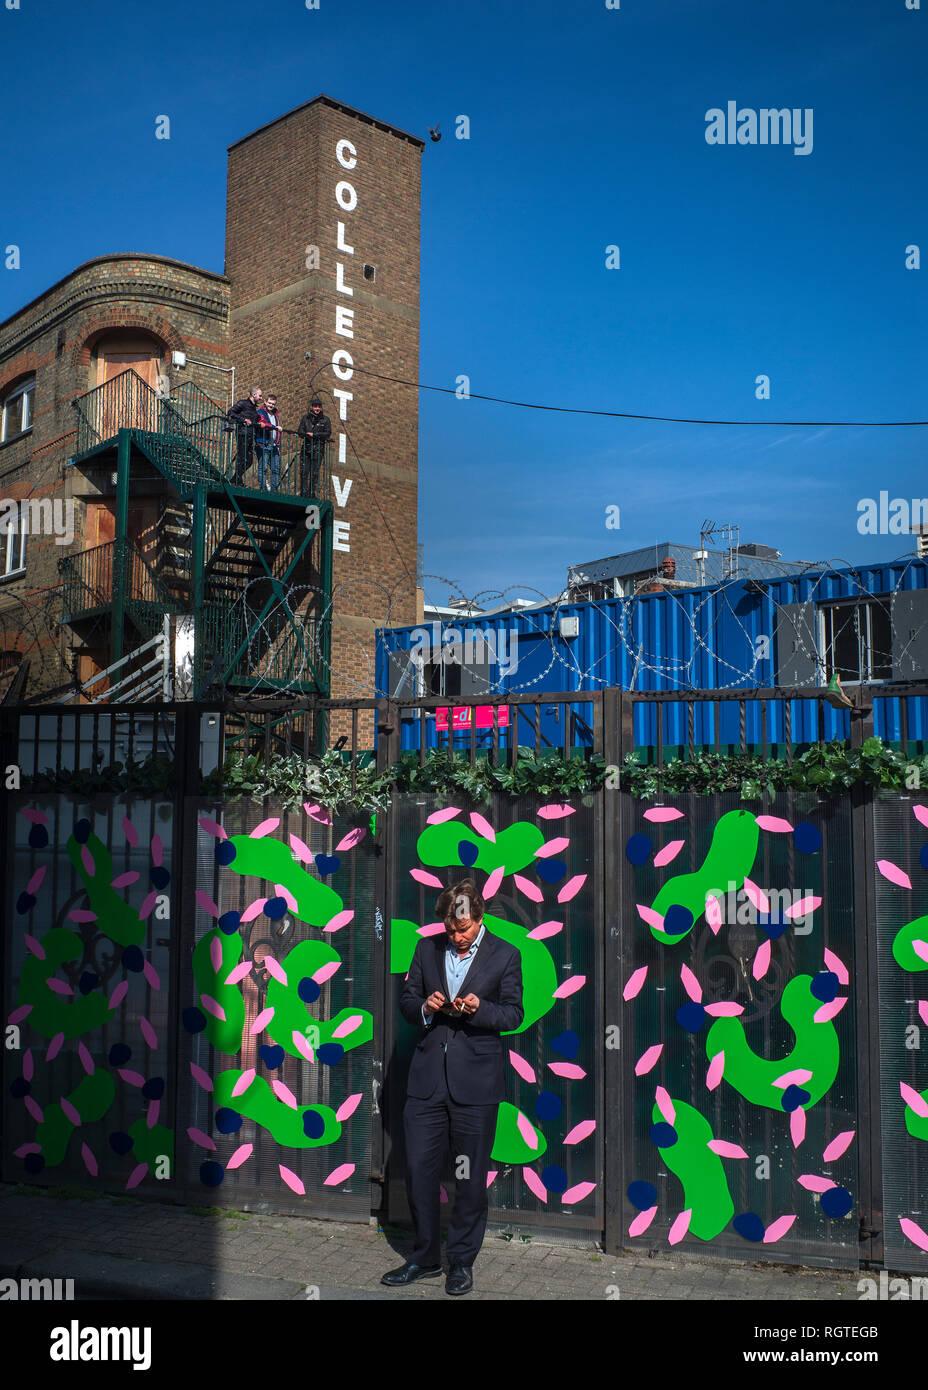 Colectivo de Camden ,Camden town Imagen De Stock